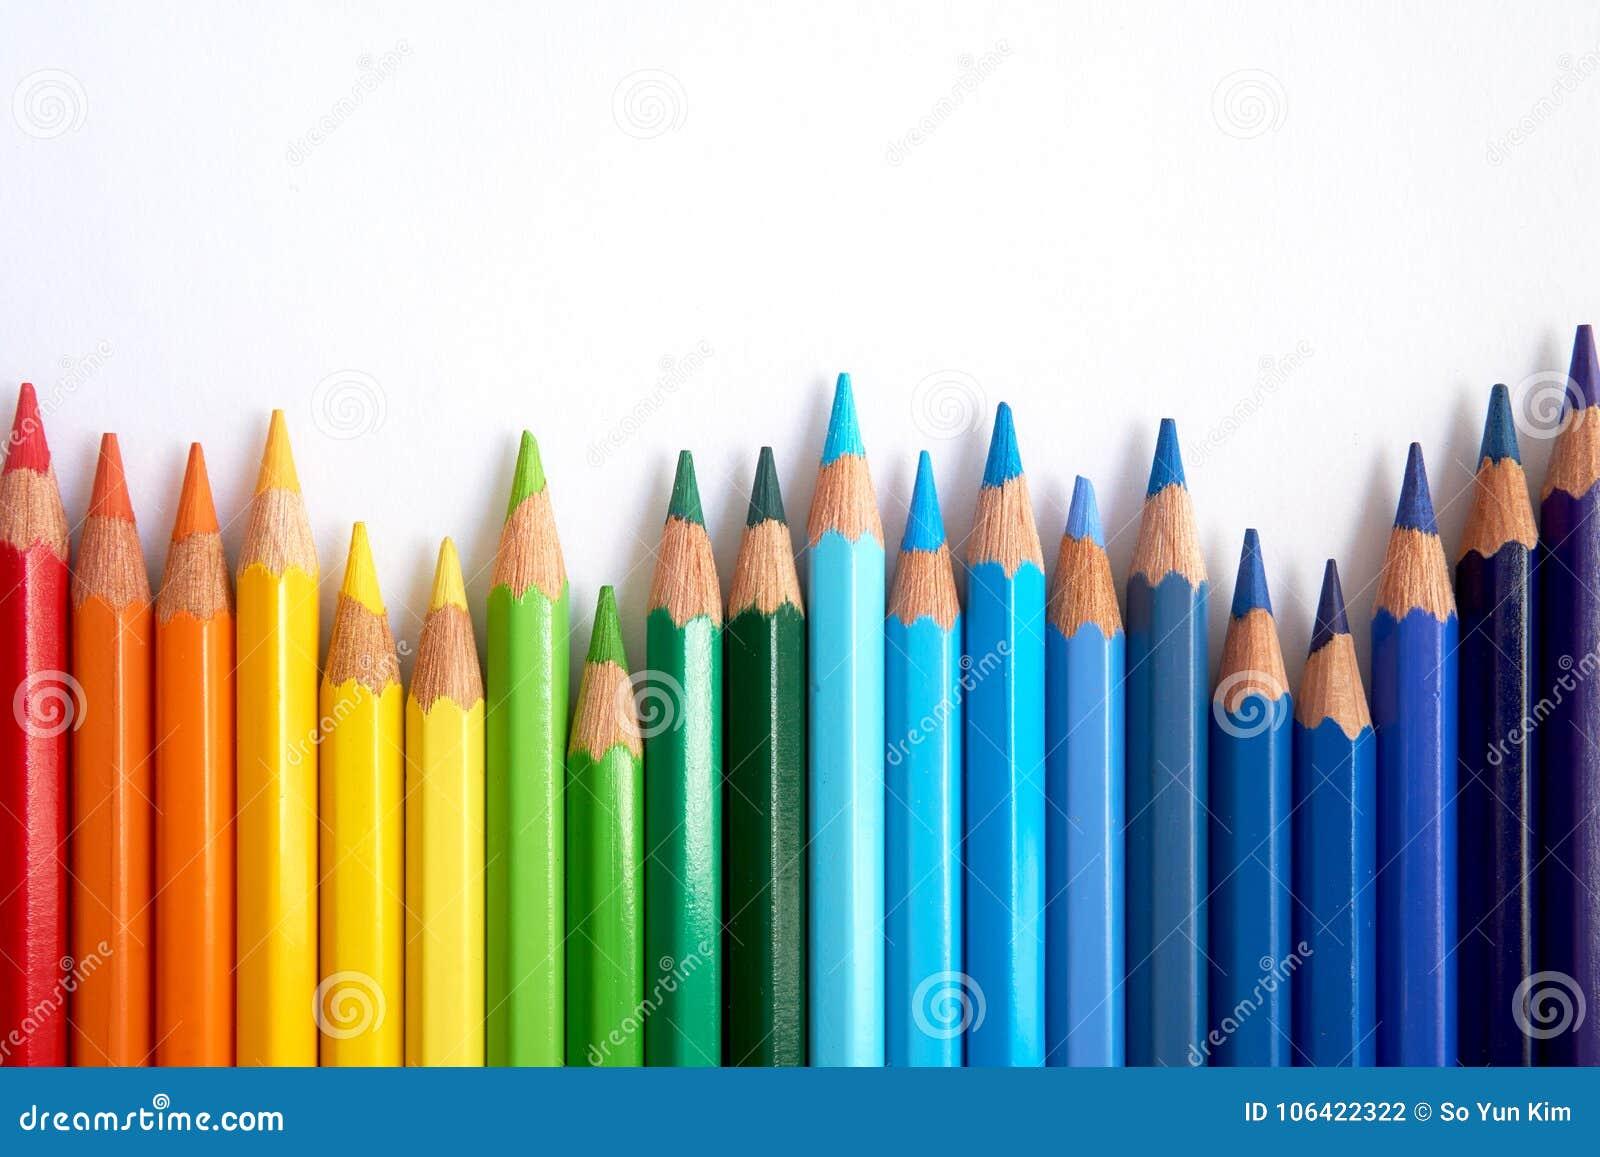 Os lápis coloridos arco-íris estão sacudindo-se de lado a lado